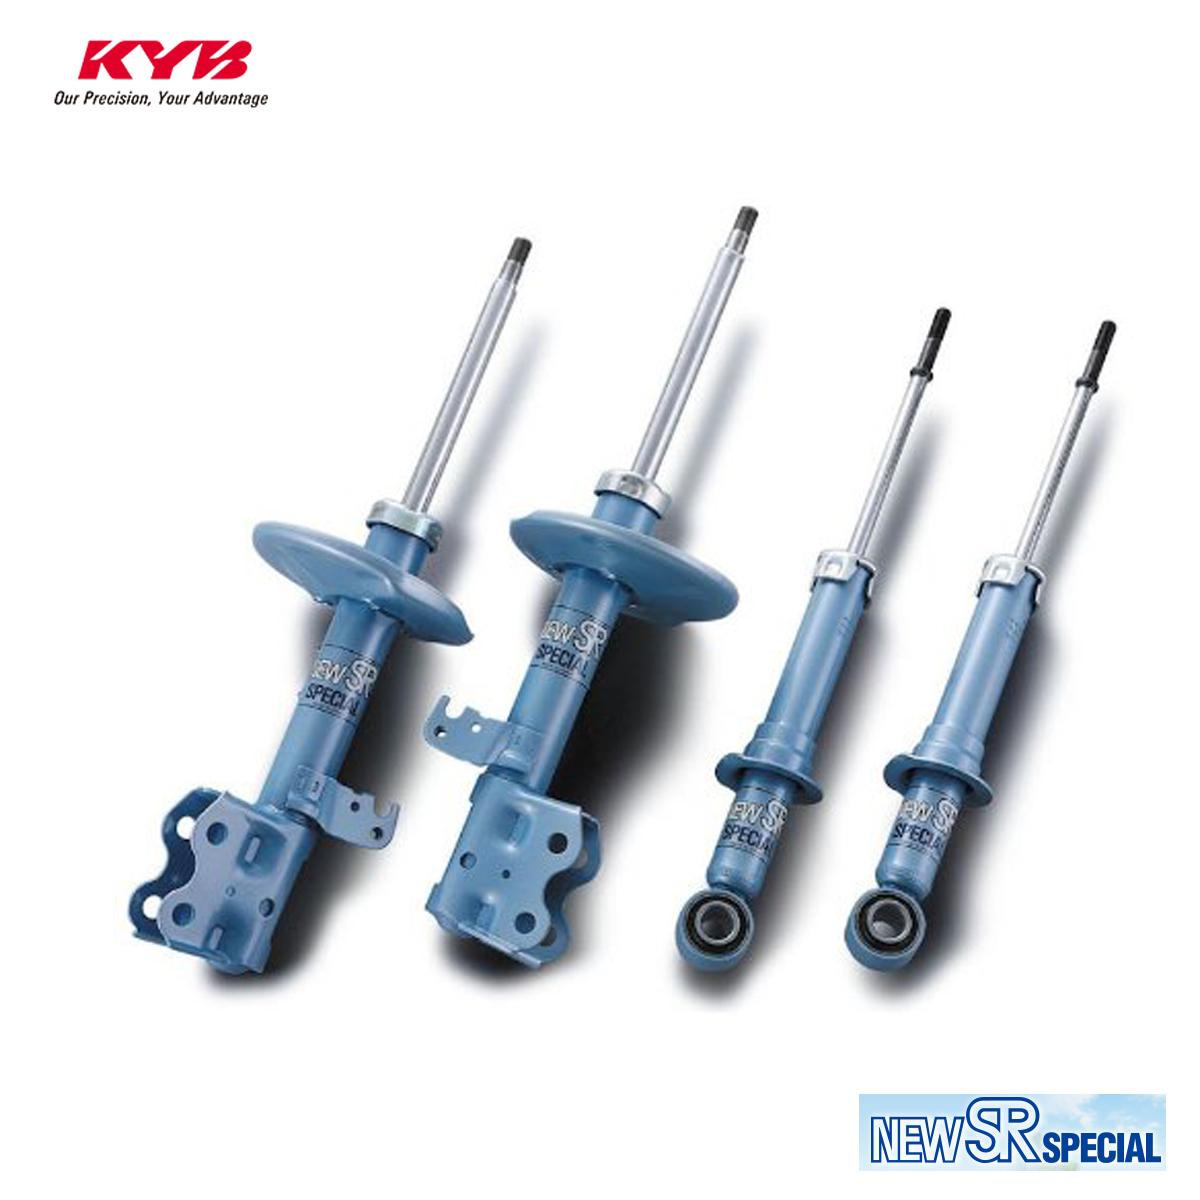 KYB カヤバ NV100クリッパー DR17V ショックアブソーバー フロント 右用 1本 NEW SR SPECIAL NST5648R 配送先条件有り